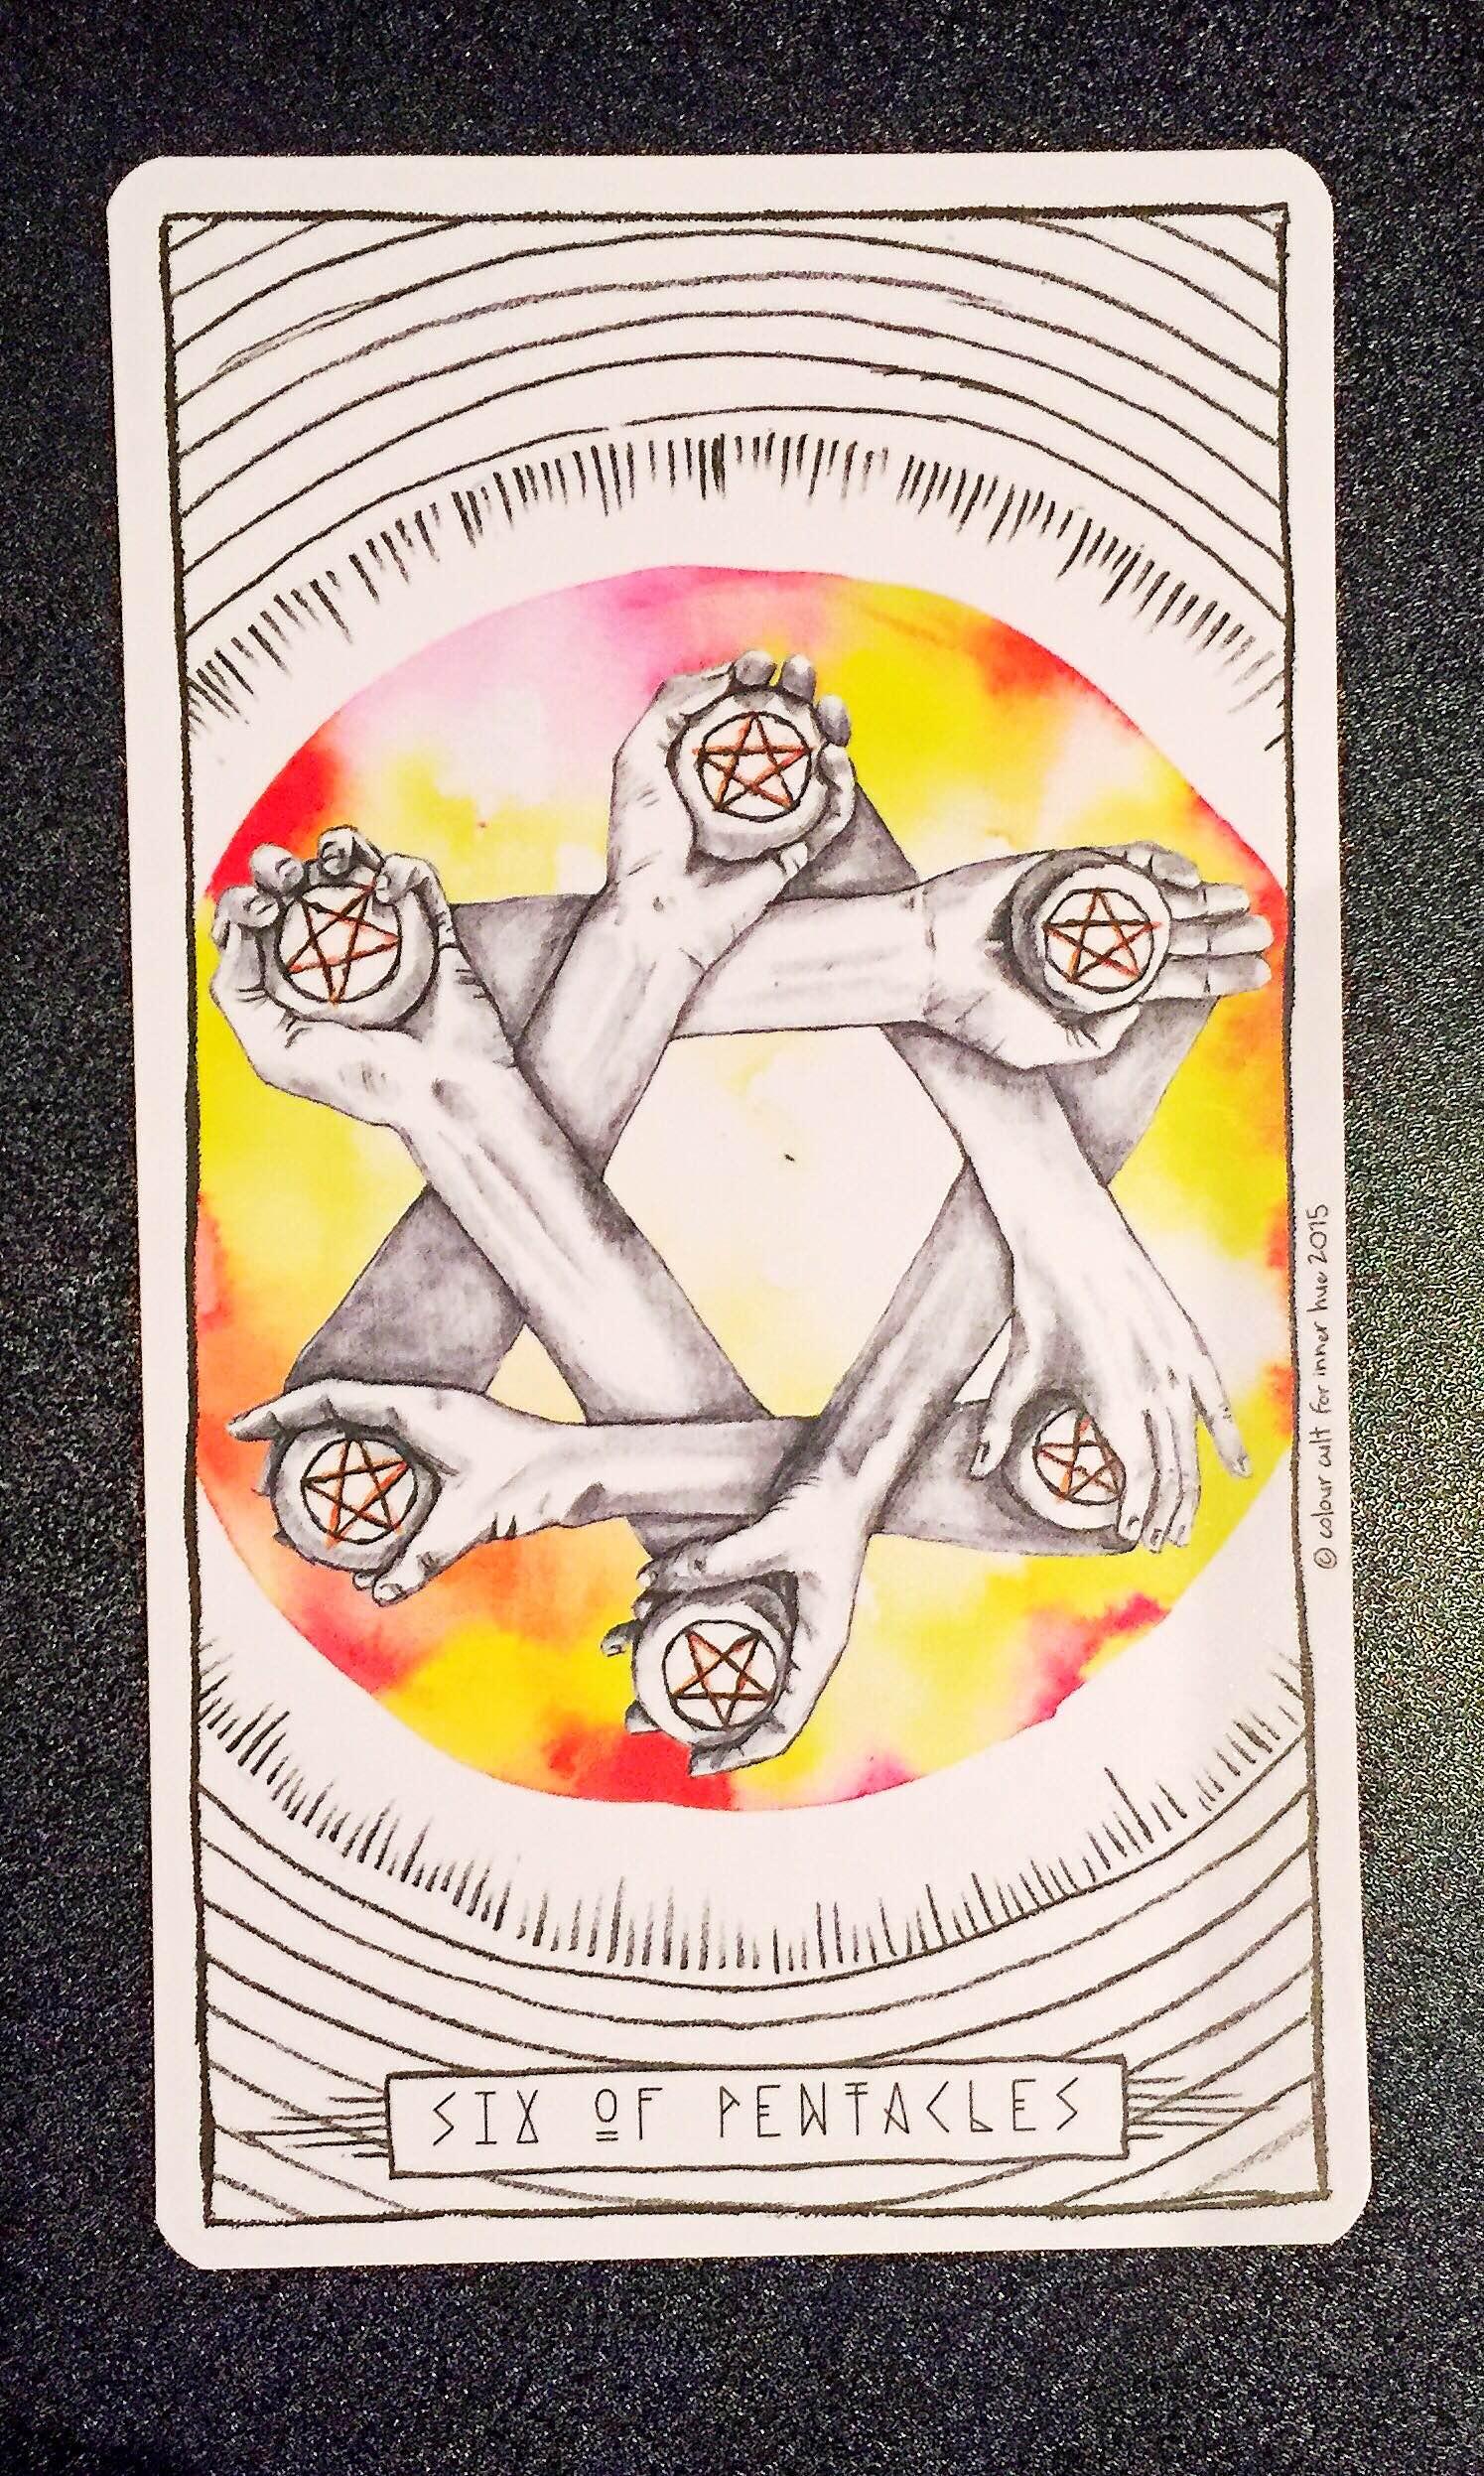 6 of Pentacles - Lumina